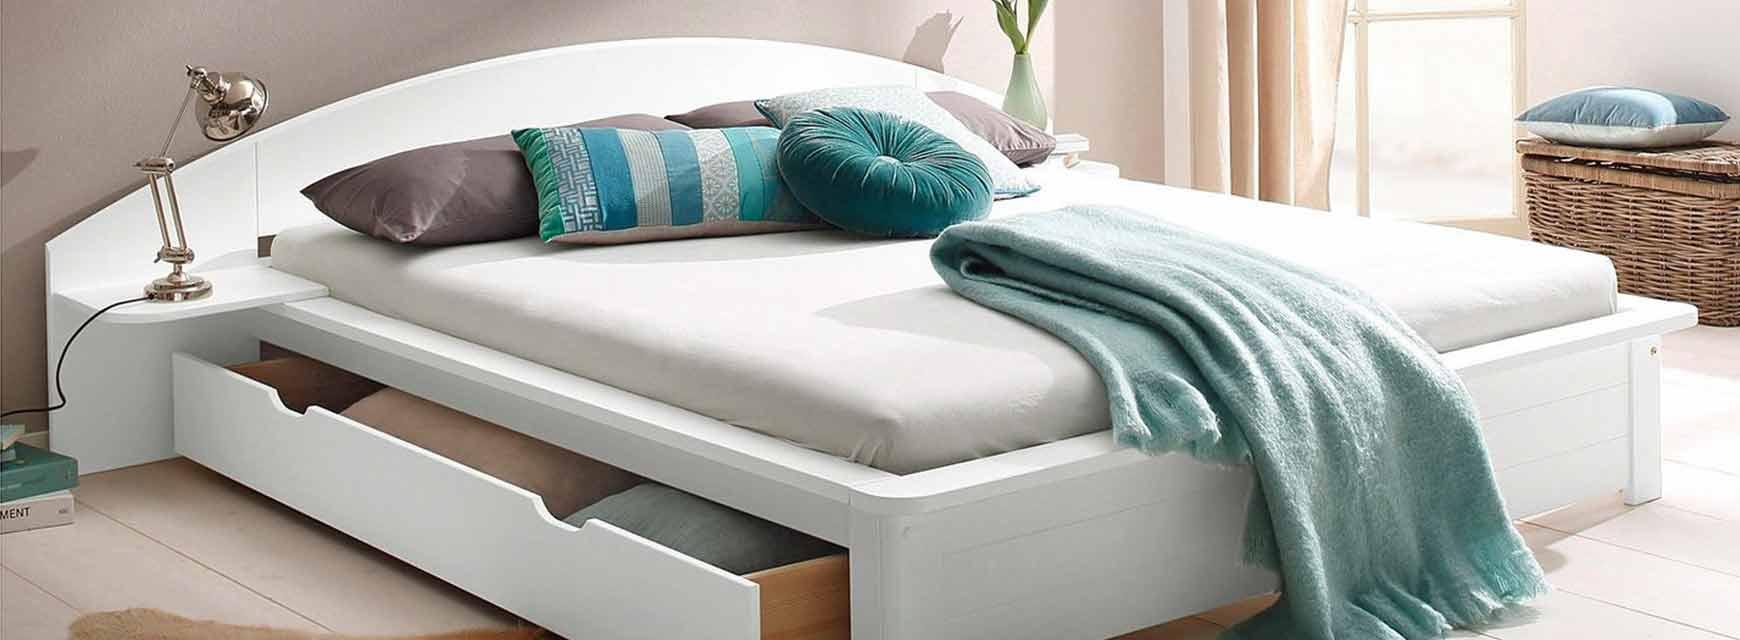 Full Size of Bett 140x200 Weiß Massivholz Betten Günstig Kaufen Designer Mit Schubladen 180x200 Metall Jugendzimmer Sitzbank 200x200 Stauraum Wohnzimmer Bett 200x200 Stauraum